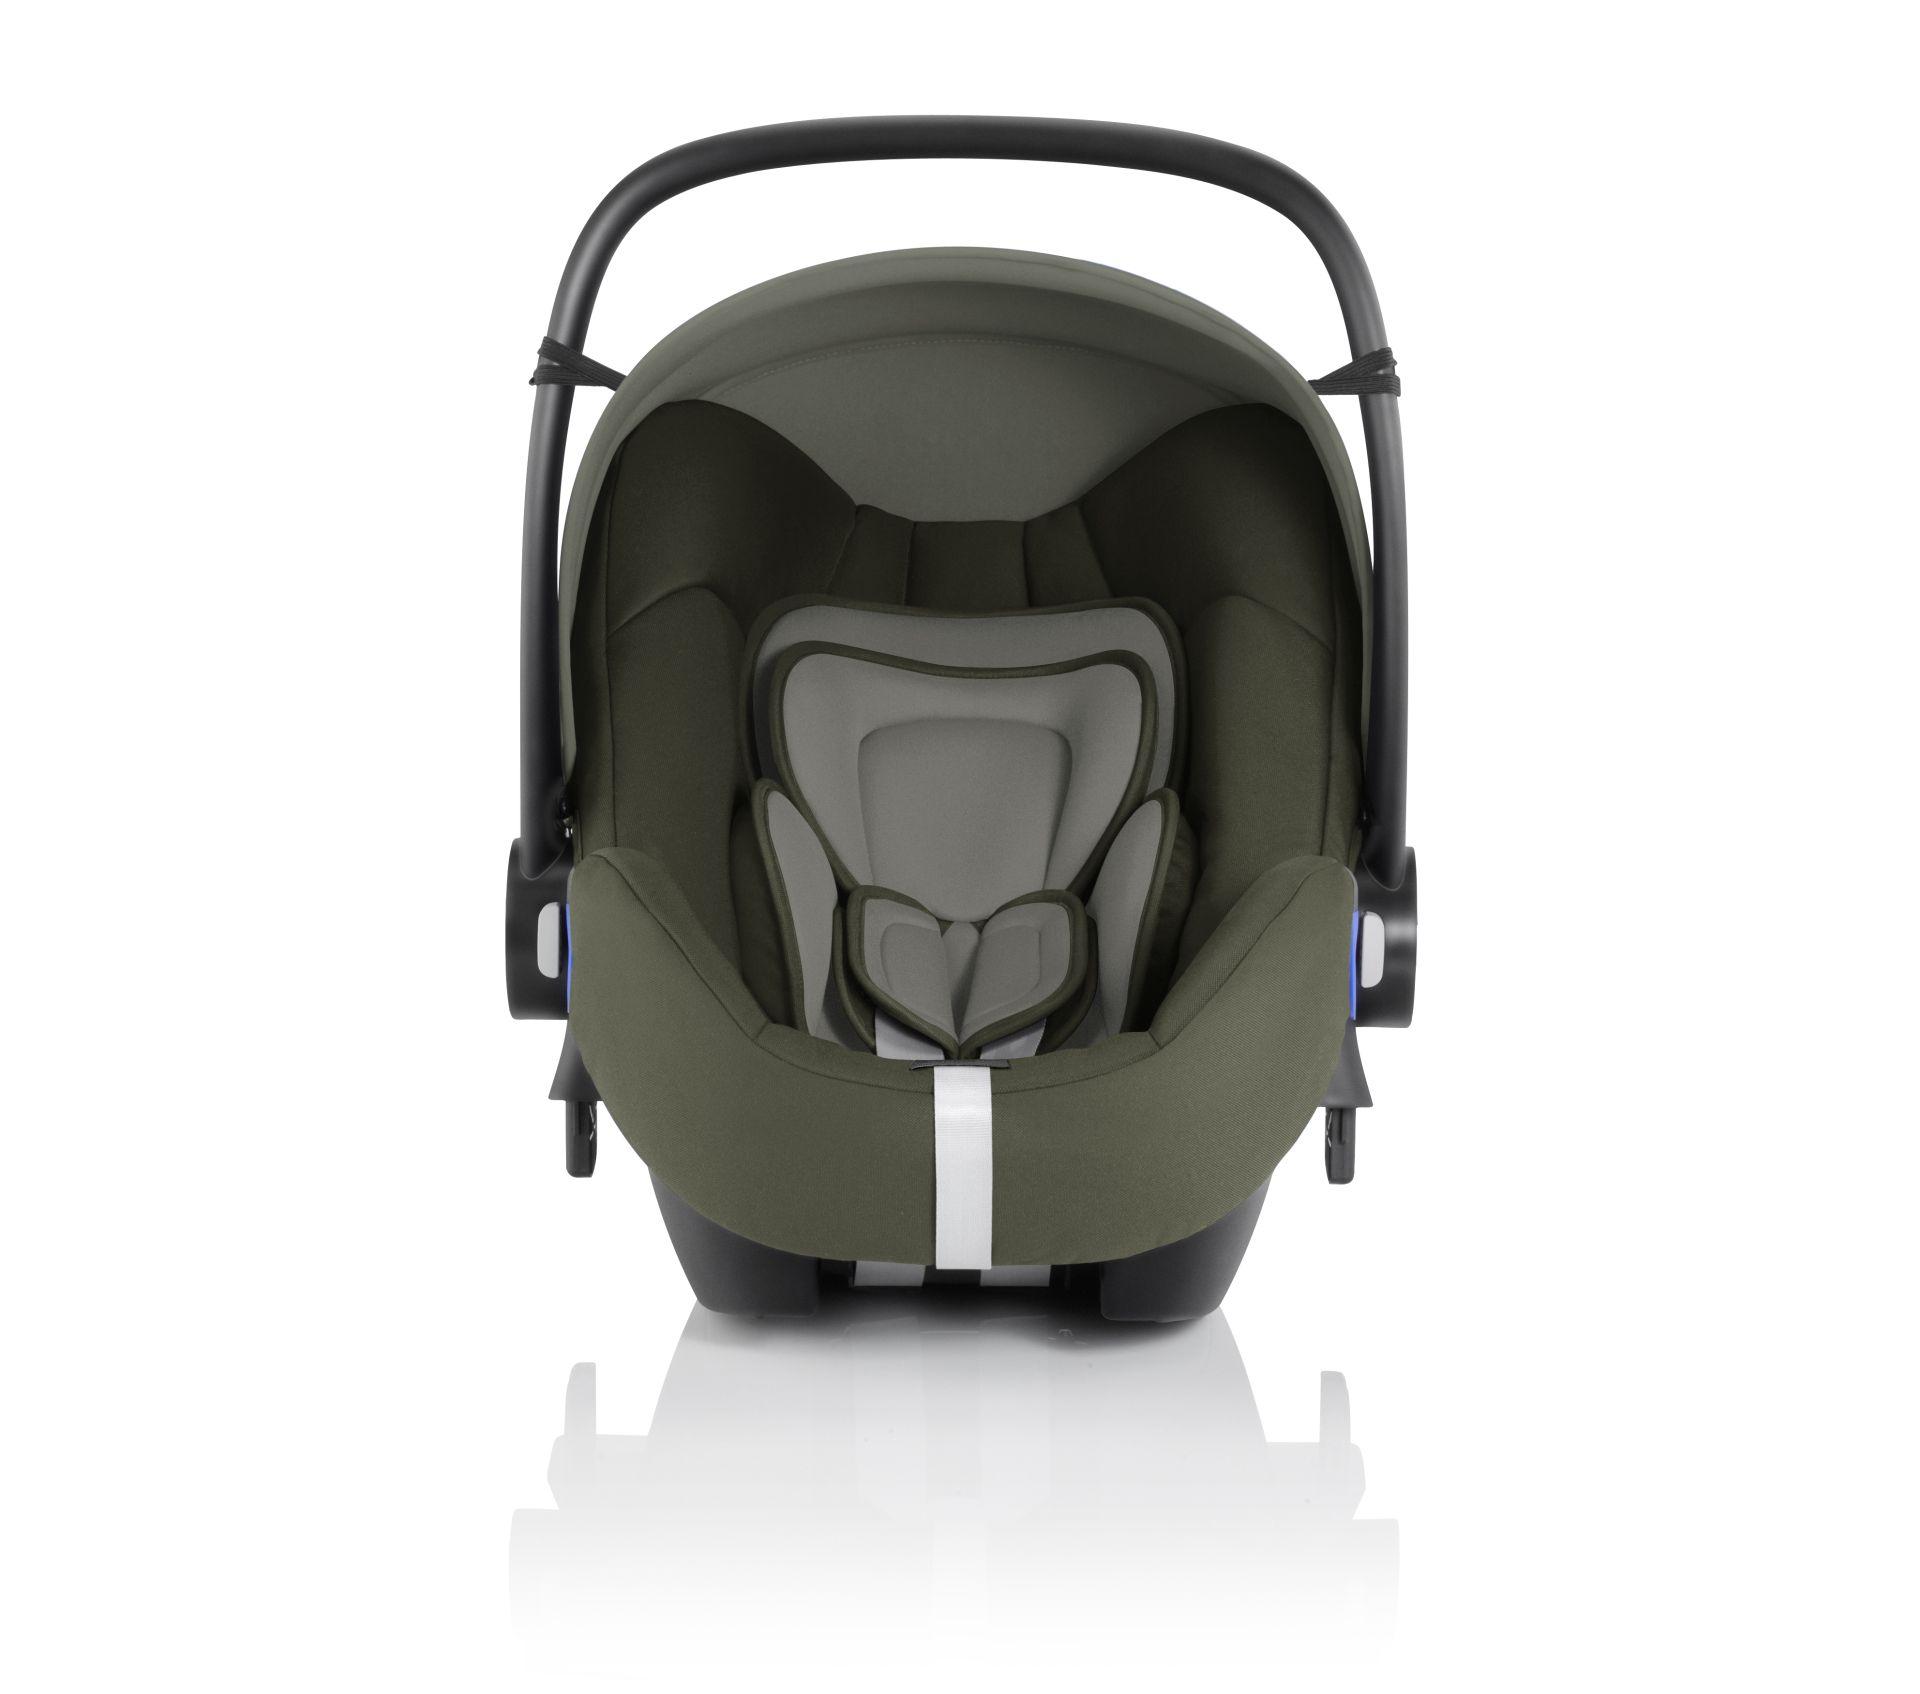 britax r mer babyschale baby safe i size 2018 olive green online kaufen bei kidsroom kindersitze. Black Bedroom Furniture Sets. Home Design Ideas